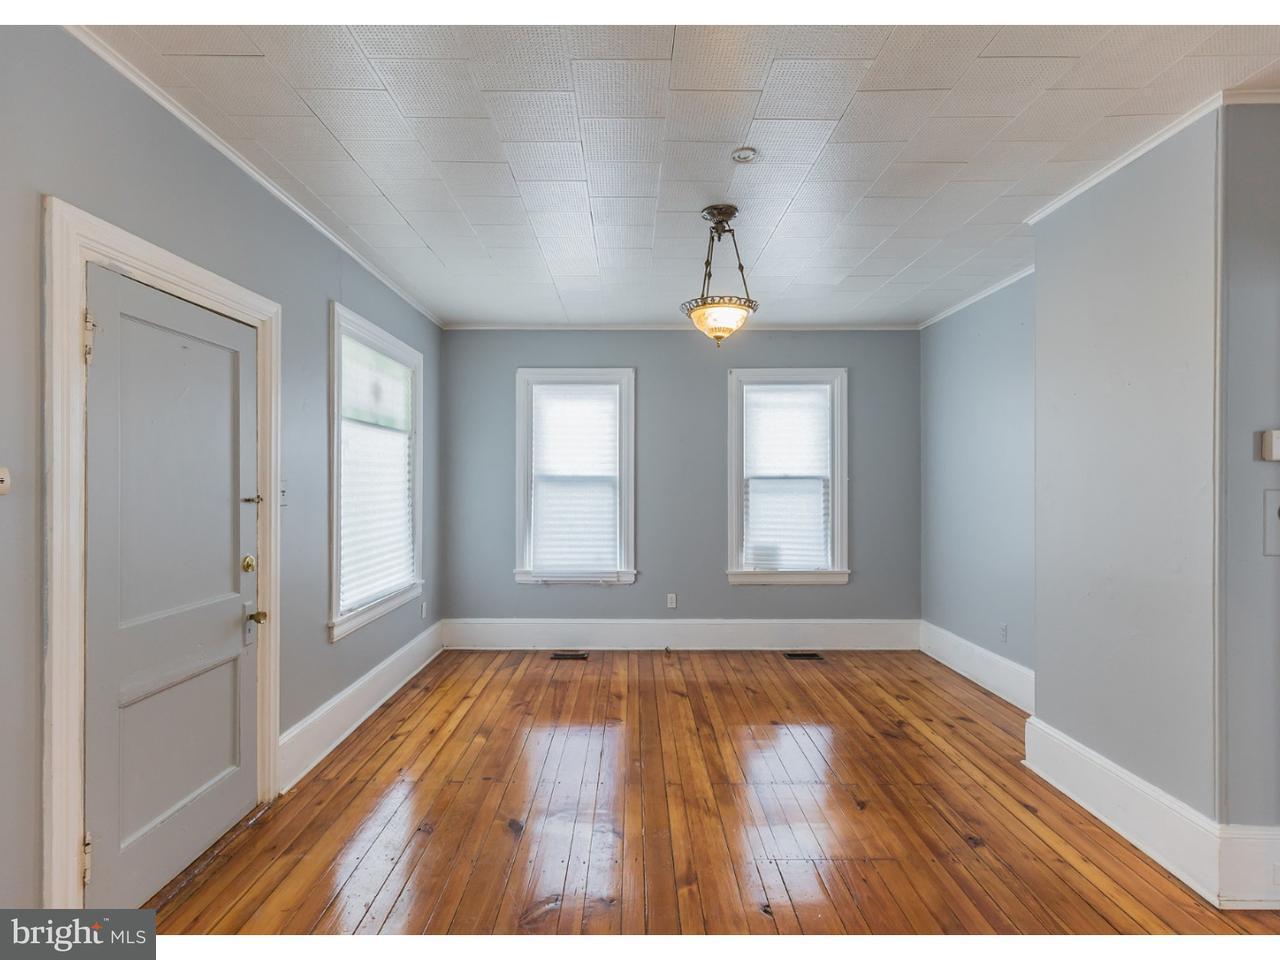 Частный односемейный дом для того Аренда на 19 S MAIN ST #A-DOWN Mullica Hill, Нью-Джерси 08062 Соединенные Штаты